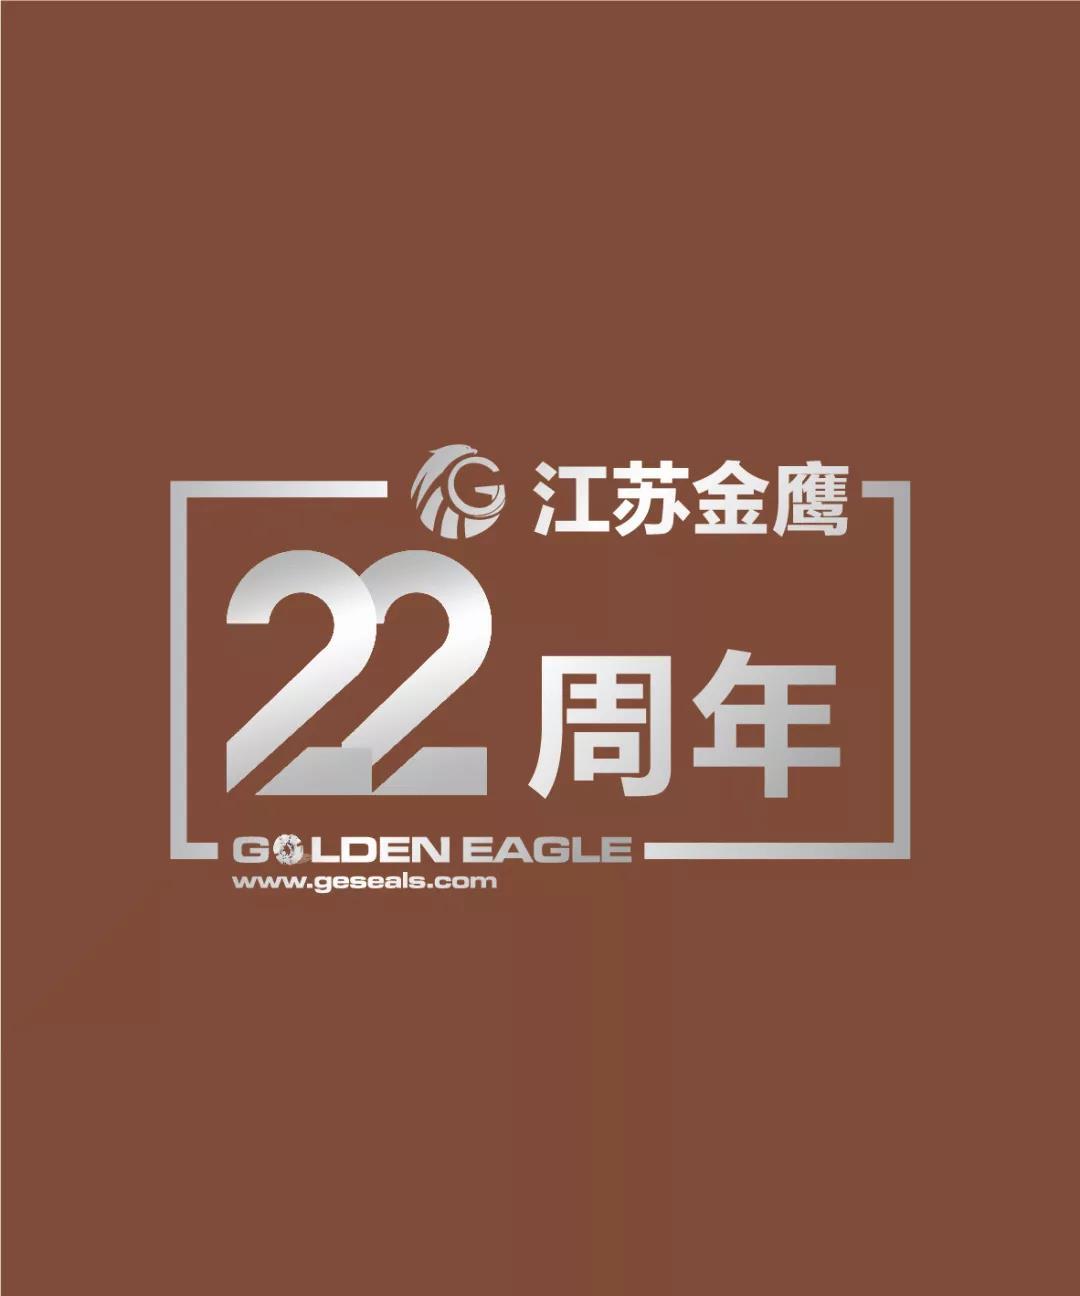 江苏金鹰流体机械有限公司22周年生日快乐!